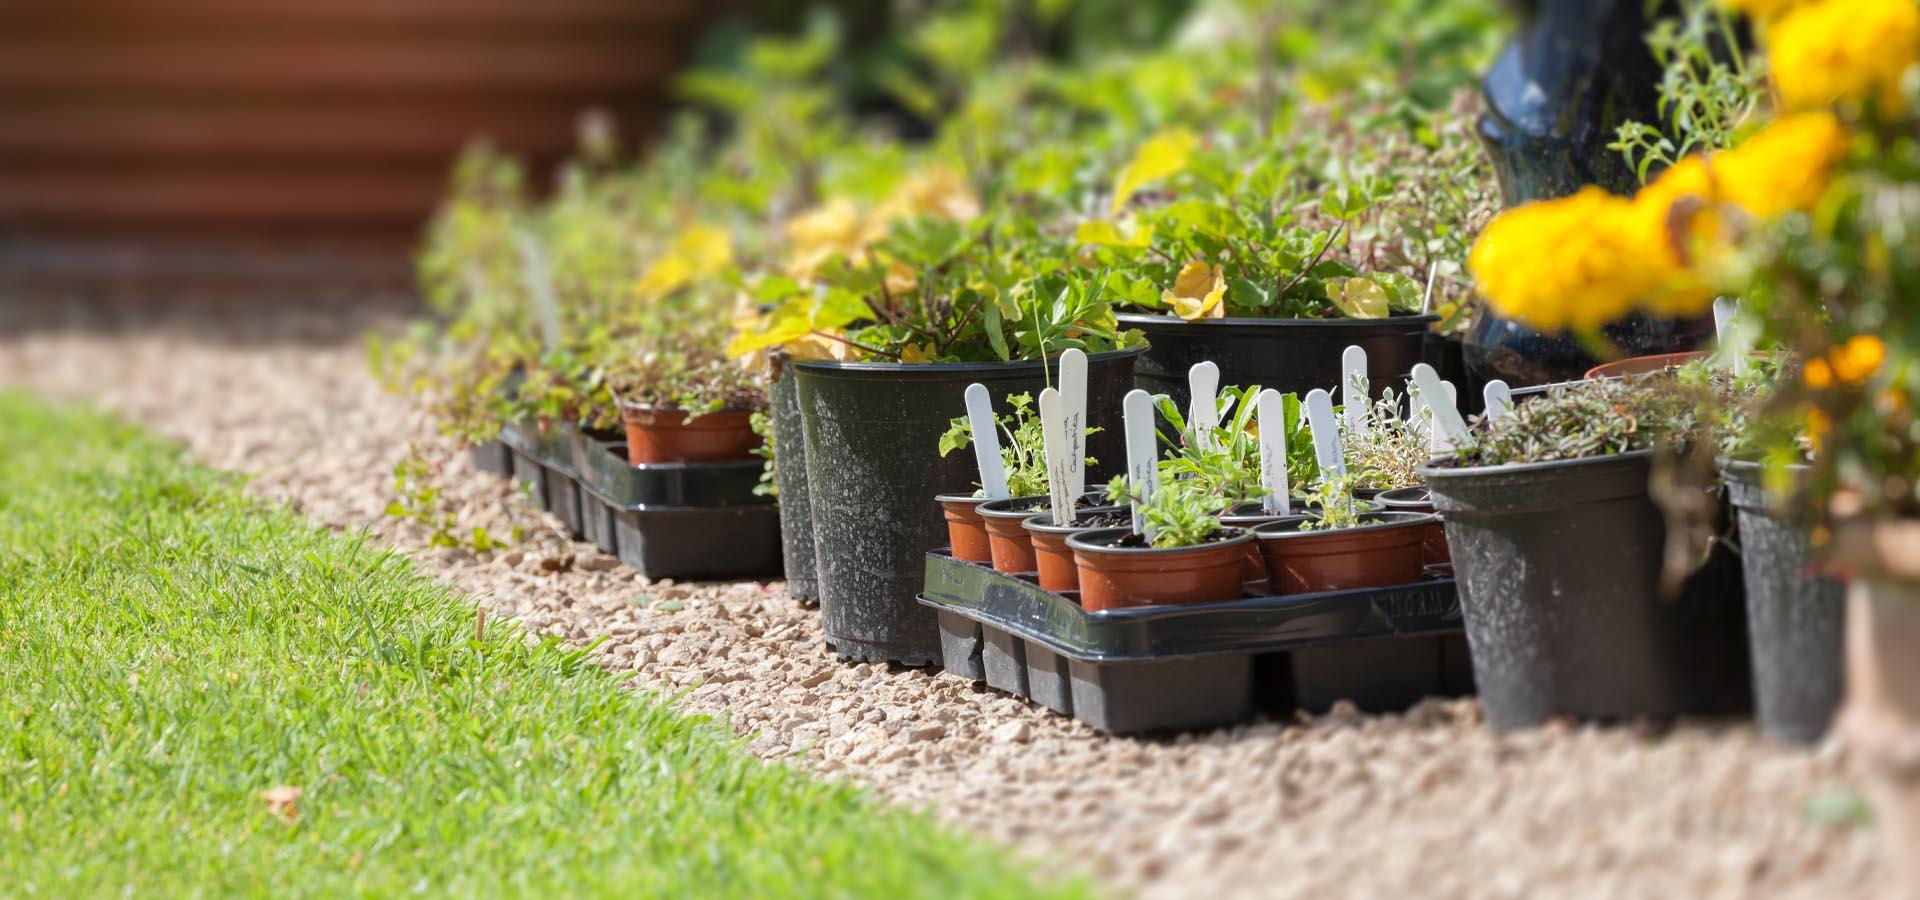 Gravel garden ideas for small backyards